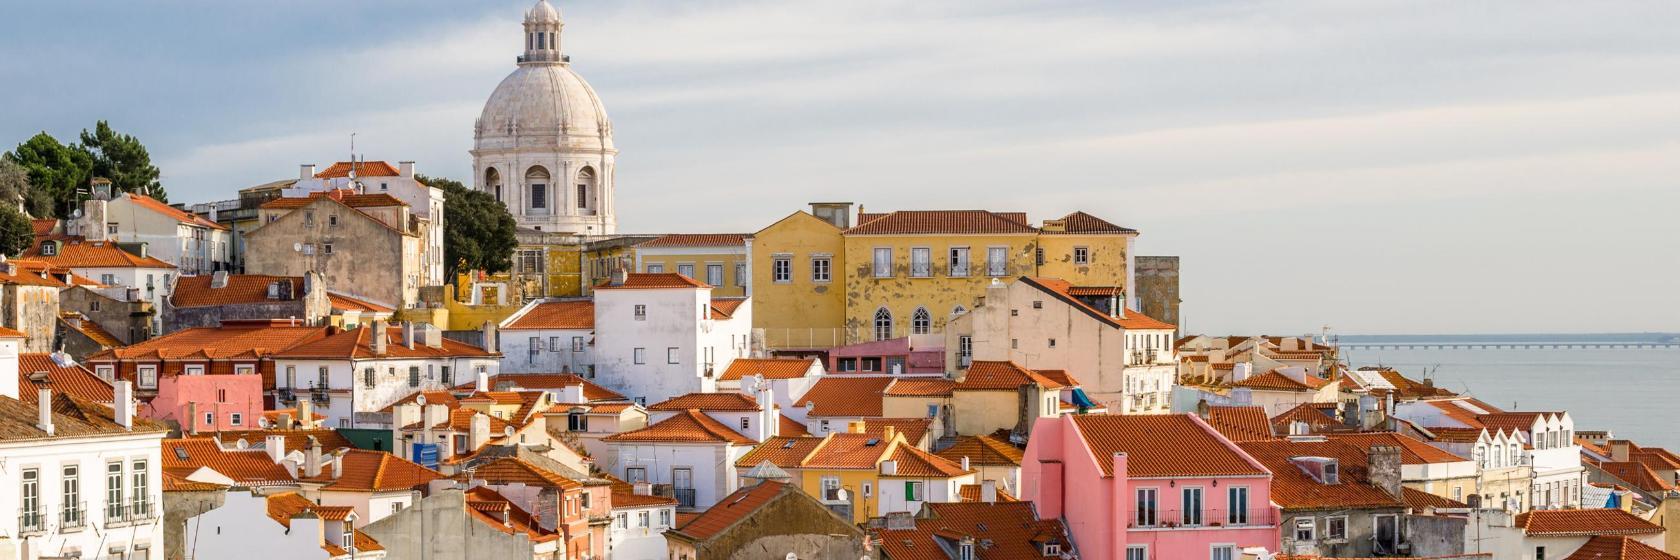 pt-central - オビドスからリスボンへバス移動 - 旅ログヨーロッパ, ポルトガル街歩き, ポルトガル交通手段